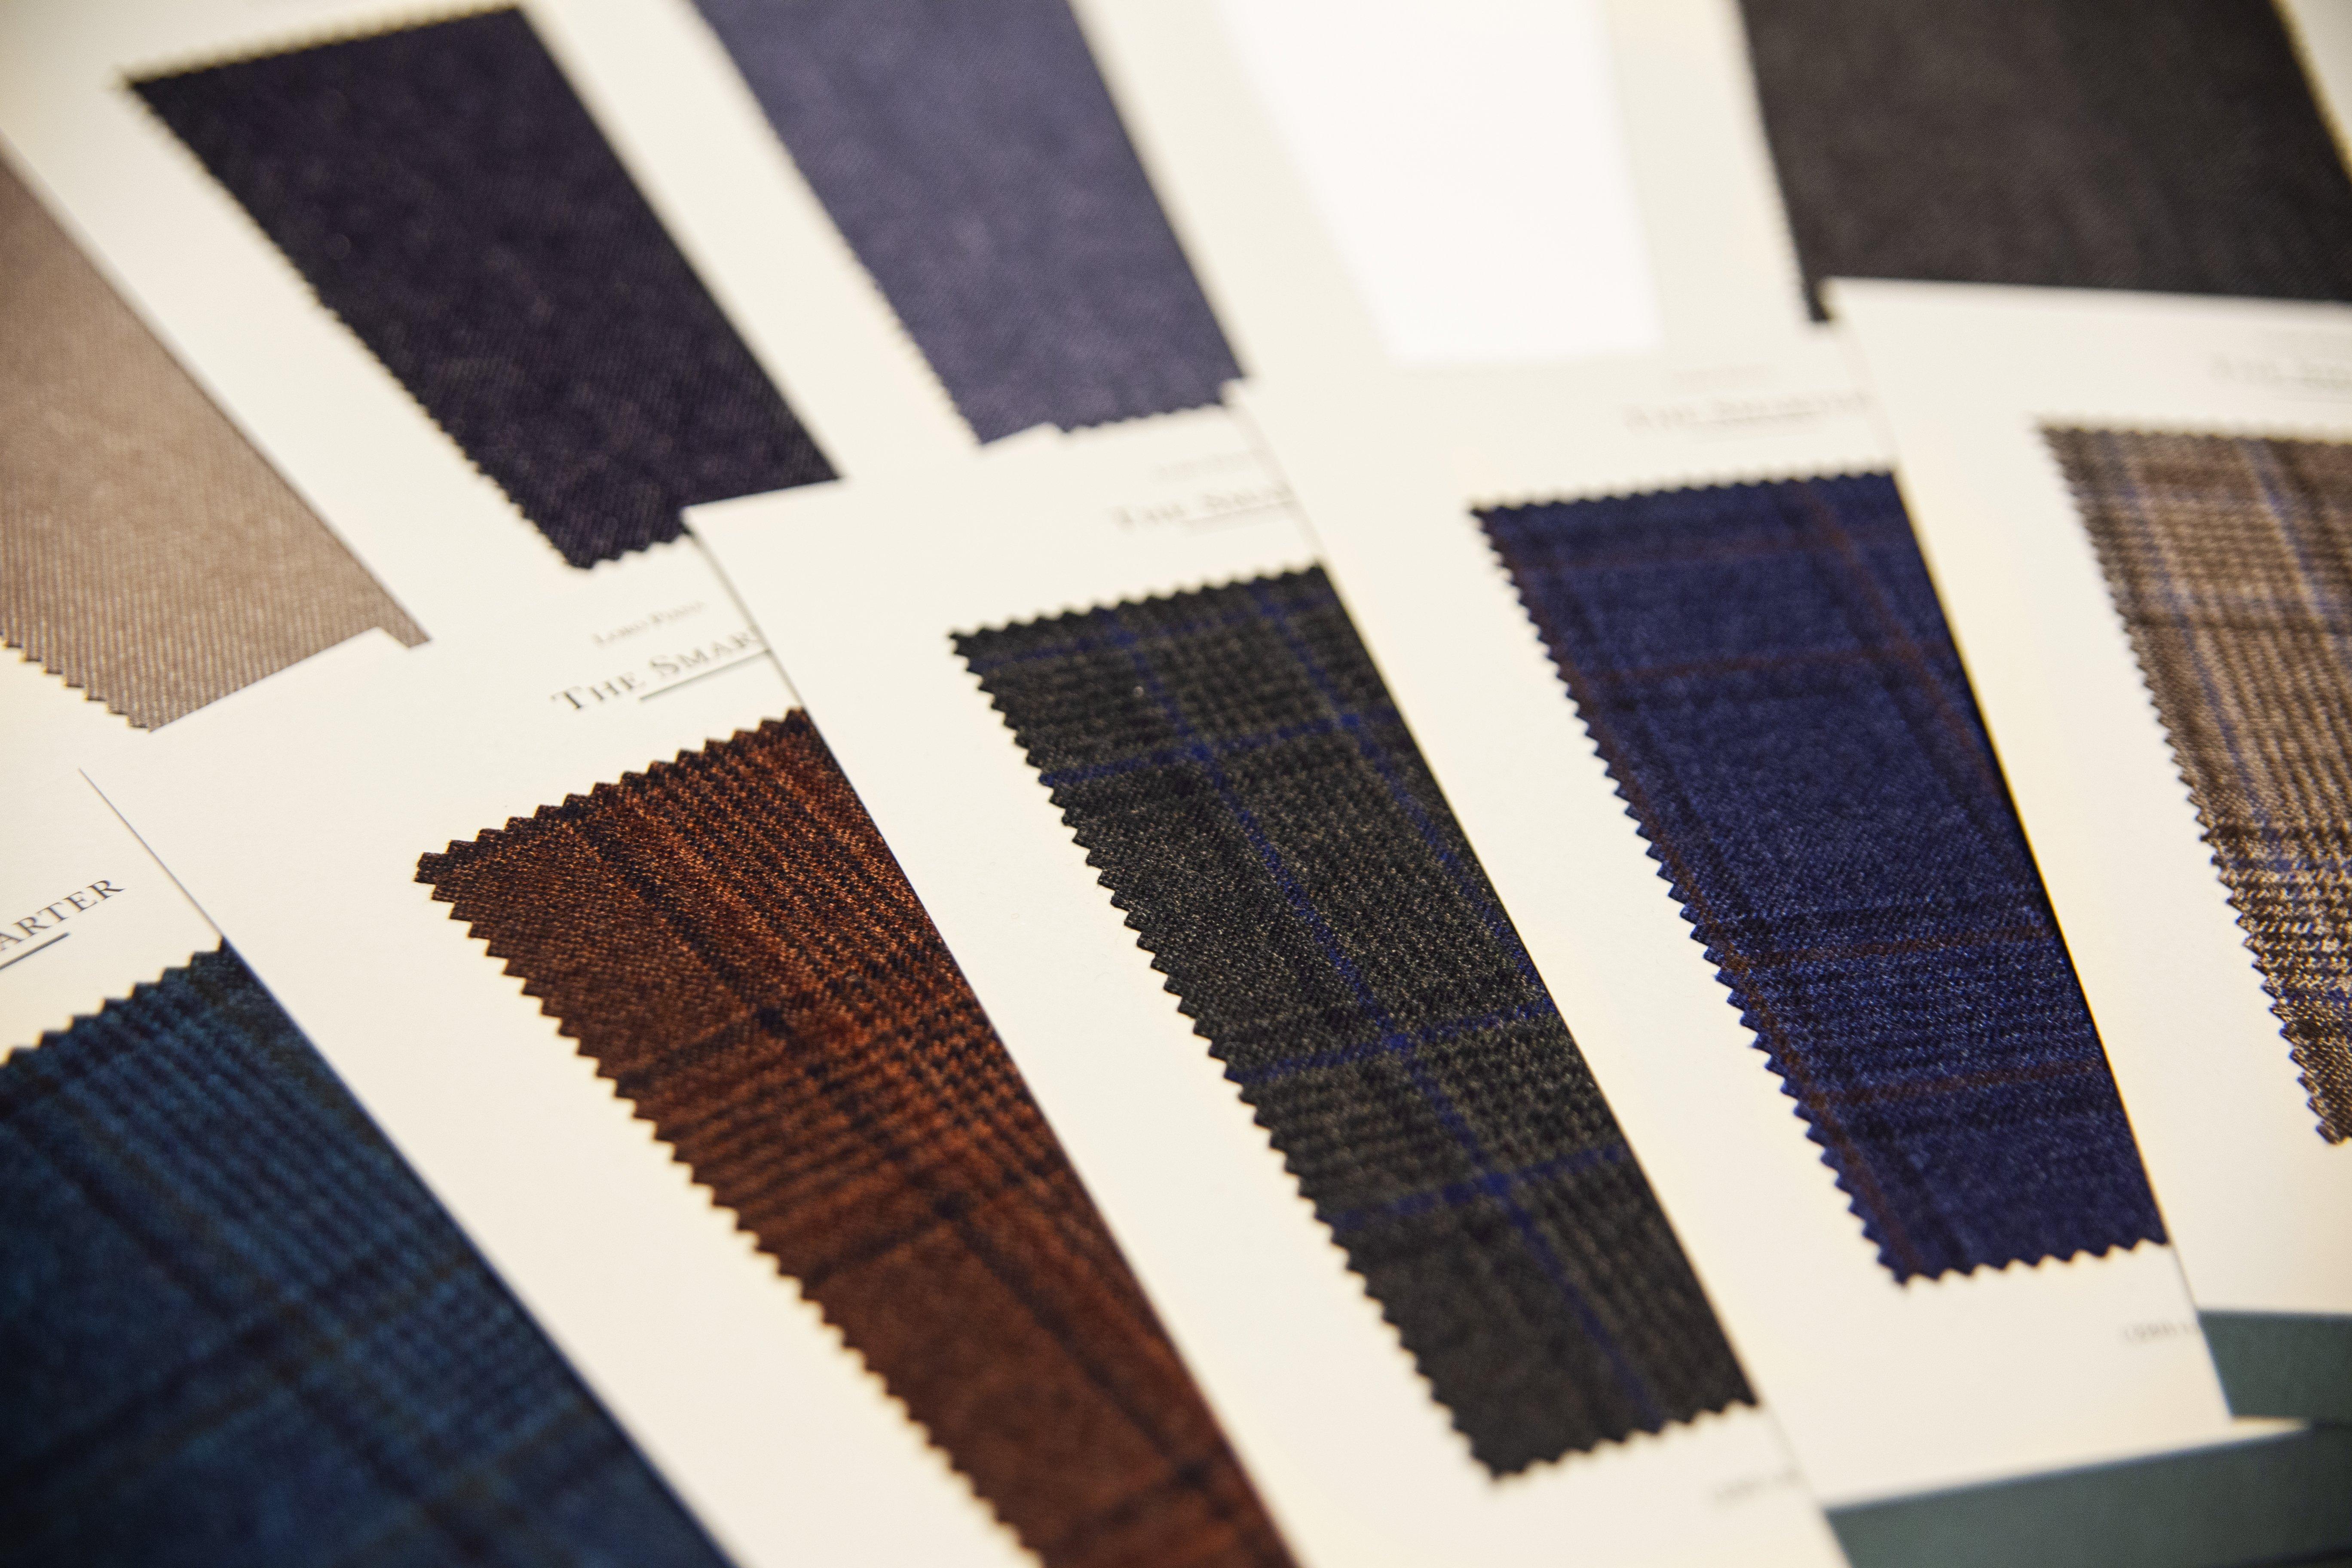 Nowe tkaniny od Loro Piana!